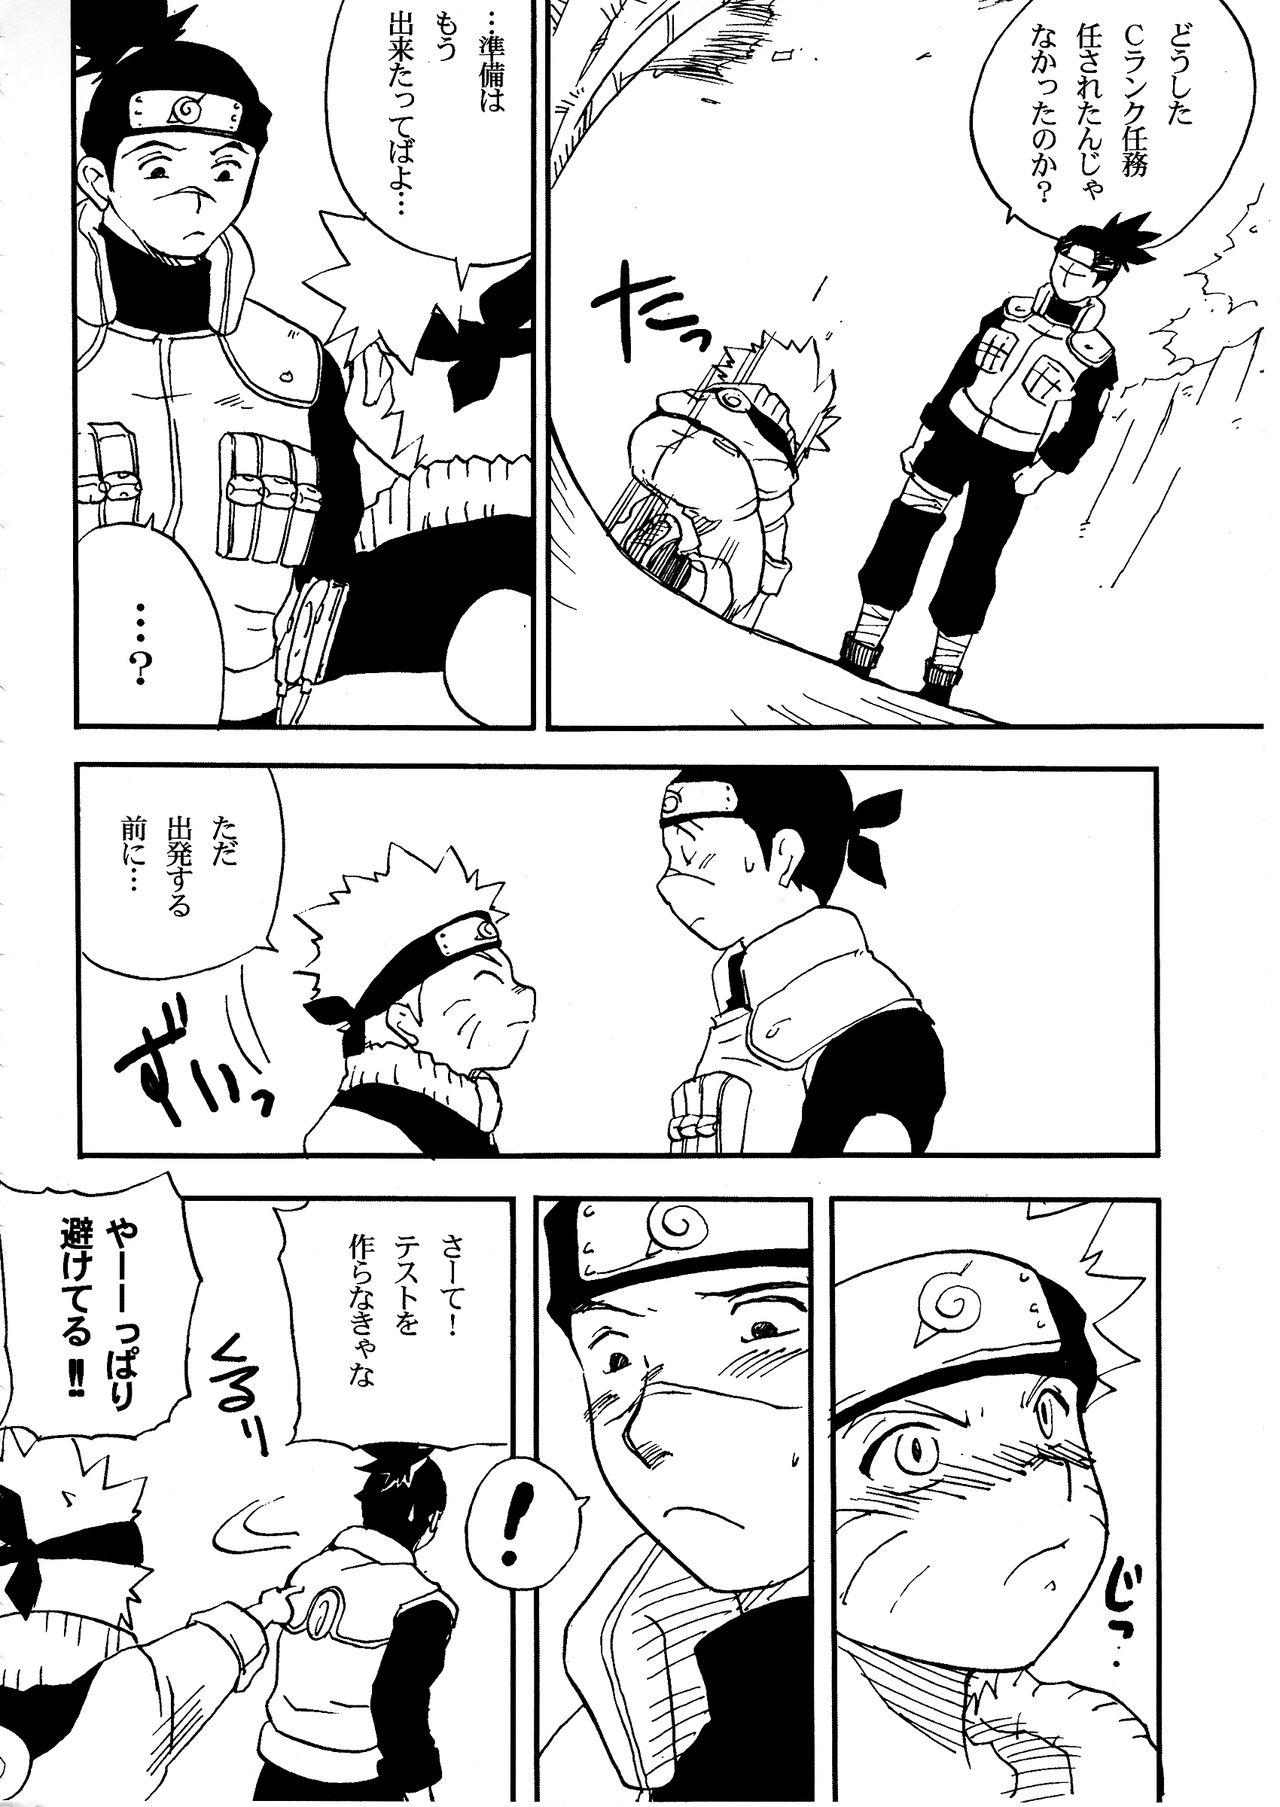 IruNaru no Wadachi 24